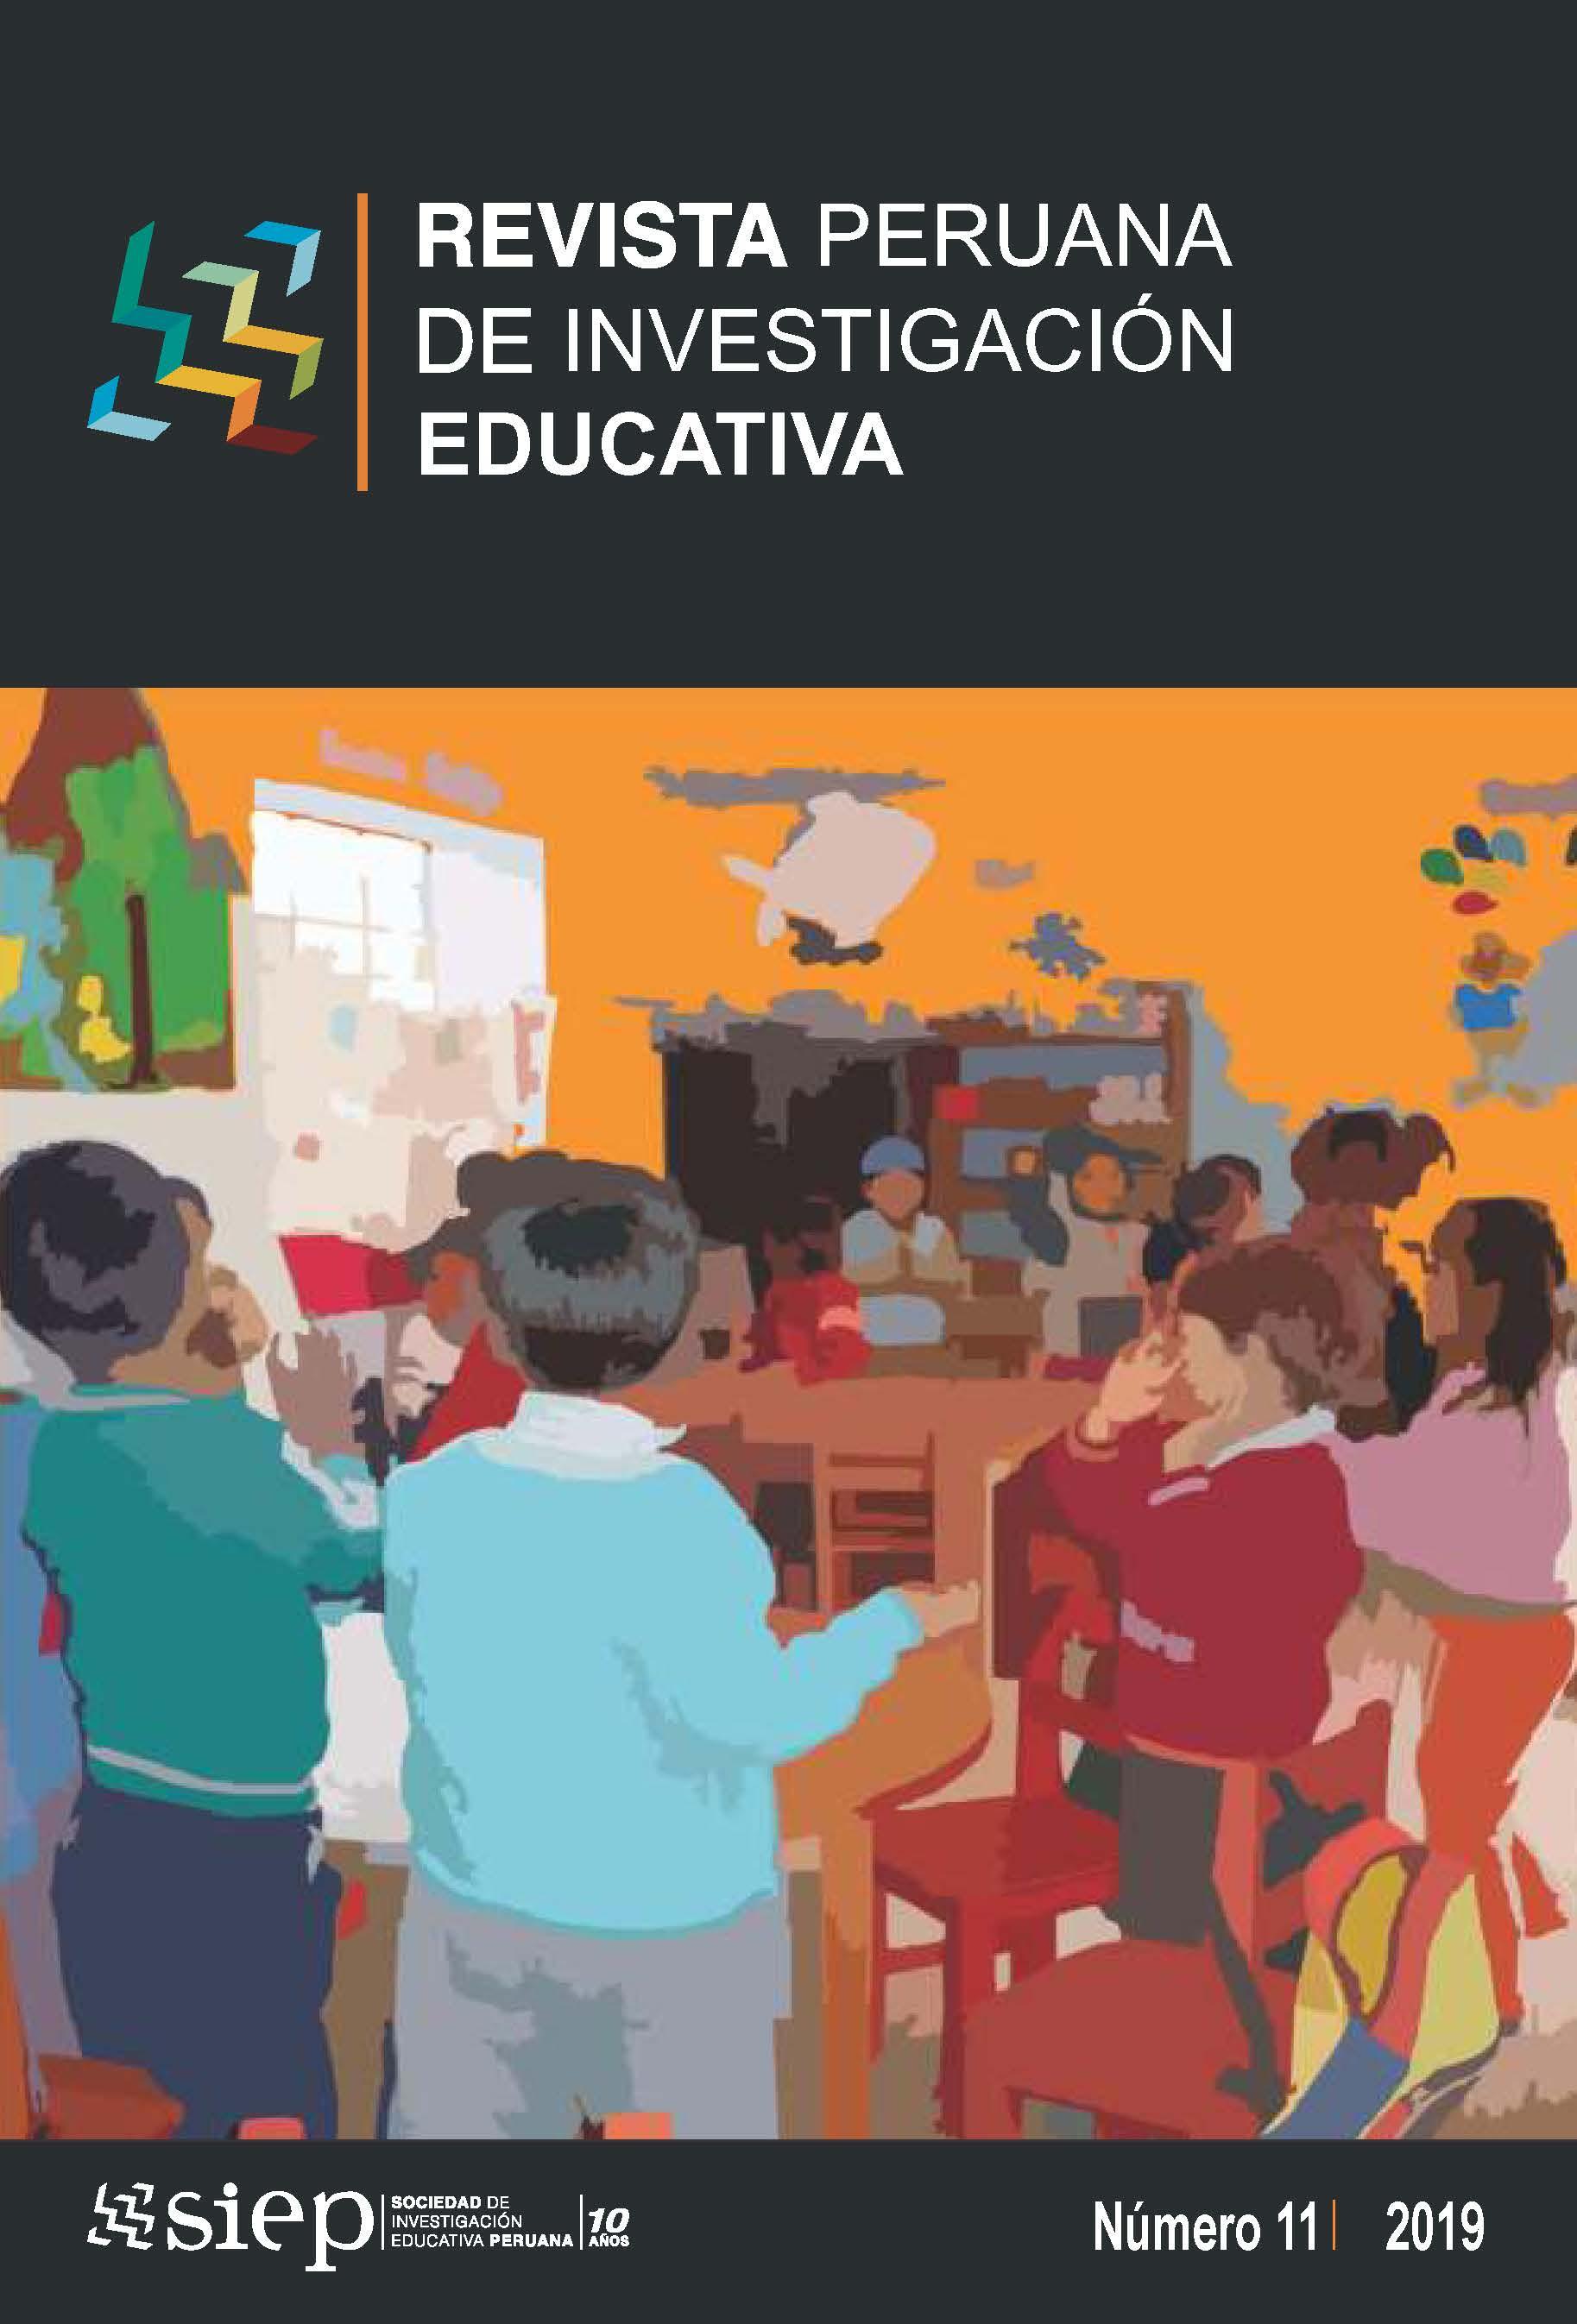 Revista Peruana de Investigación Educativa Vol.11, No11, 2019